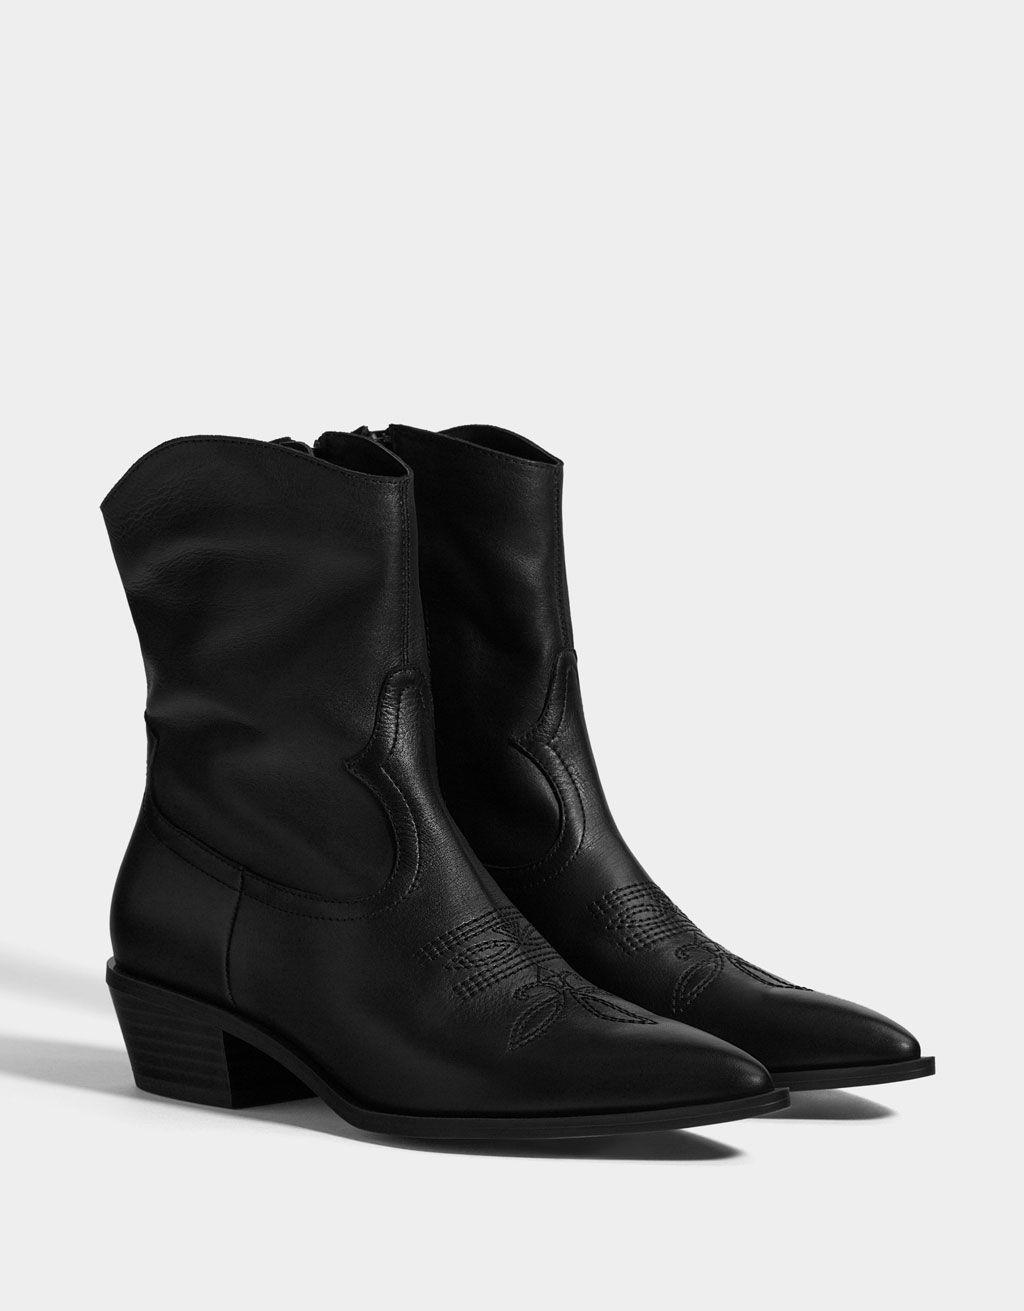 a888aa70c5b Botines cowboy PIEL - null - Bershka España | wish list | Boots ...